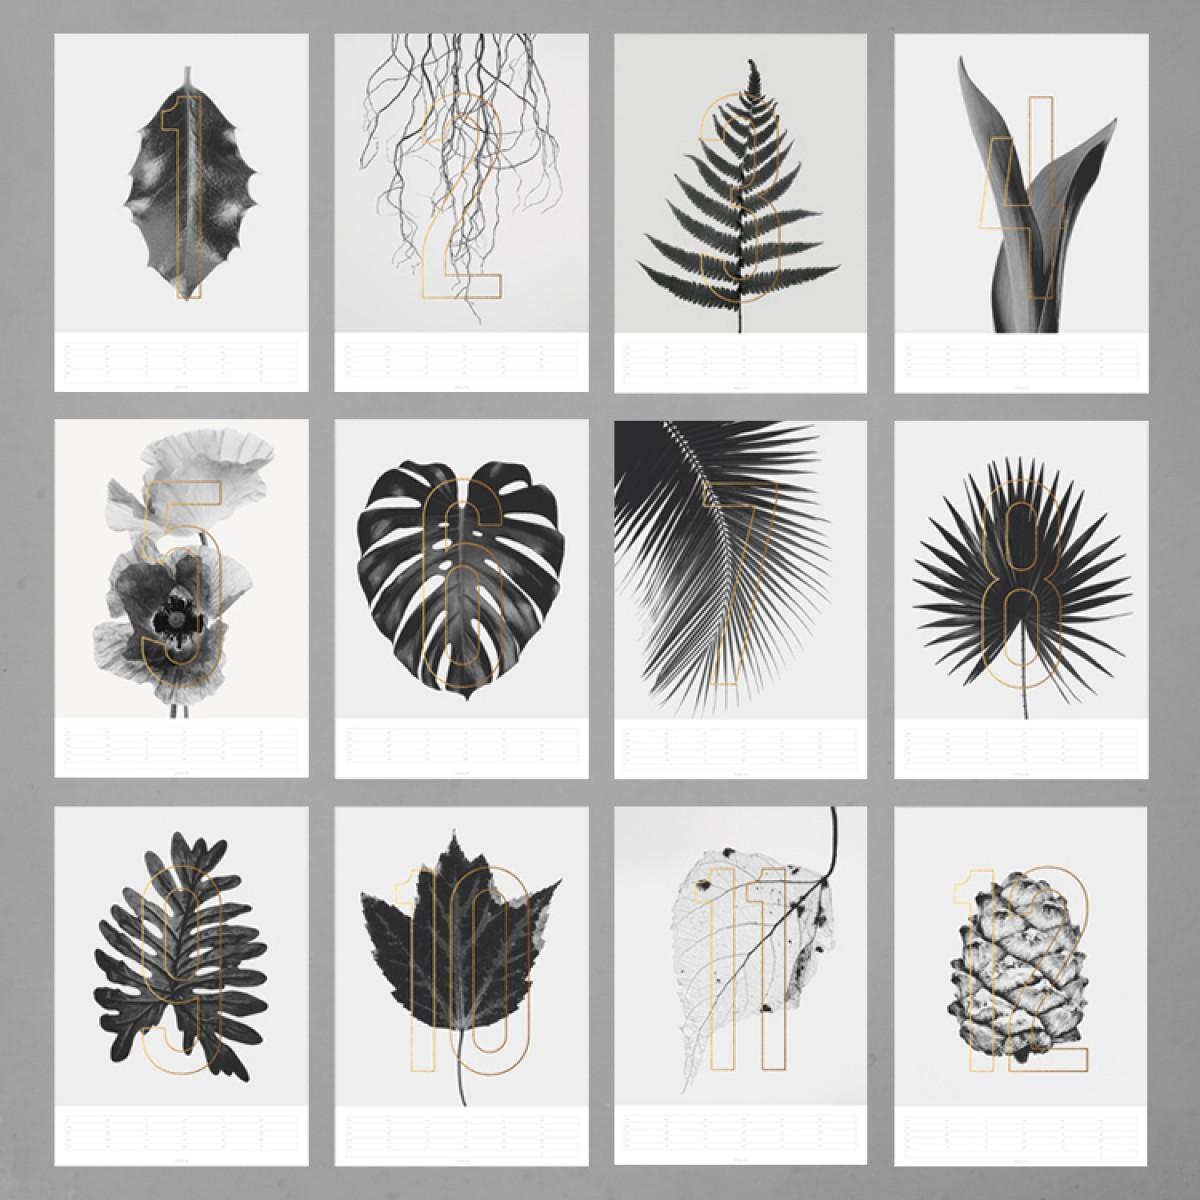 typealive / Wandkalender Plants